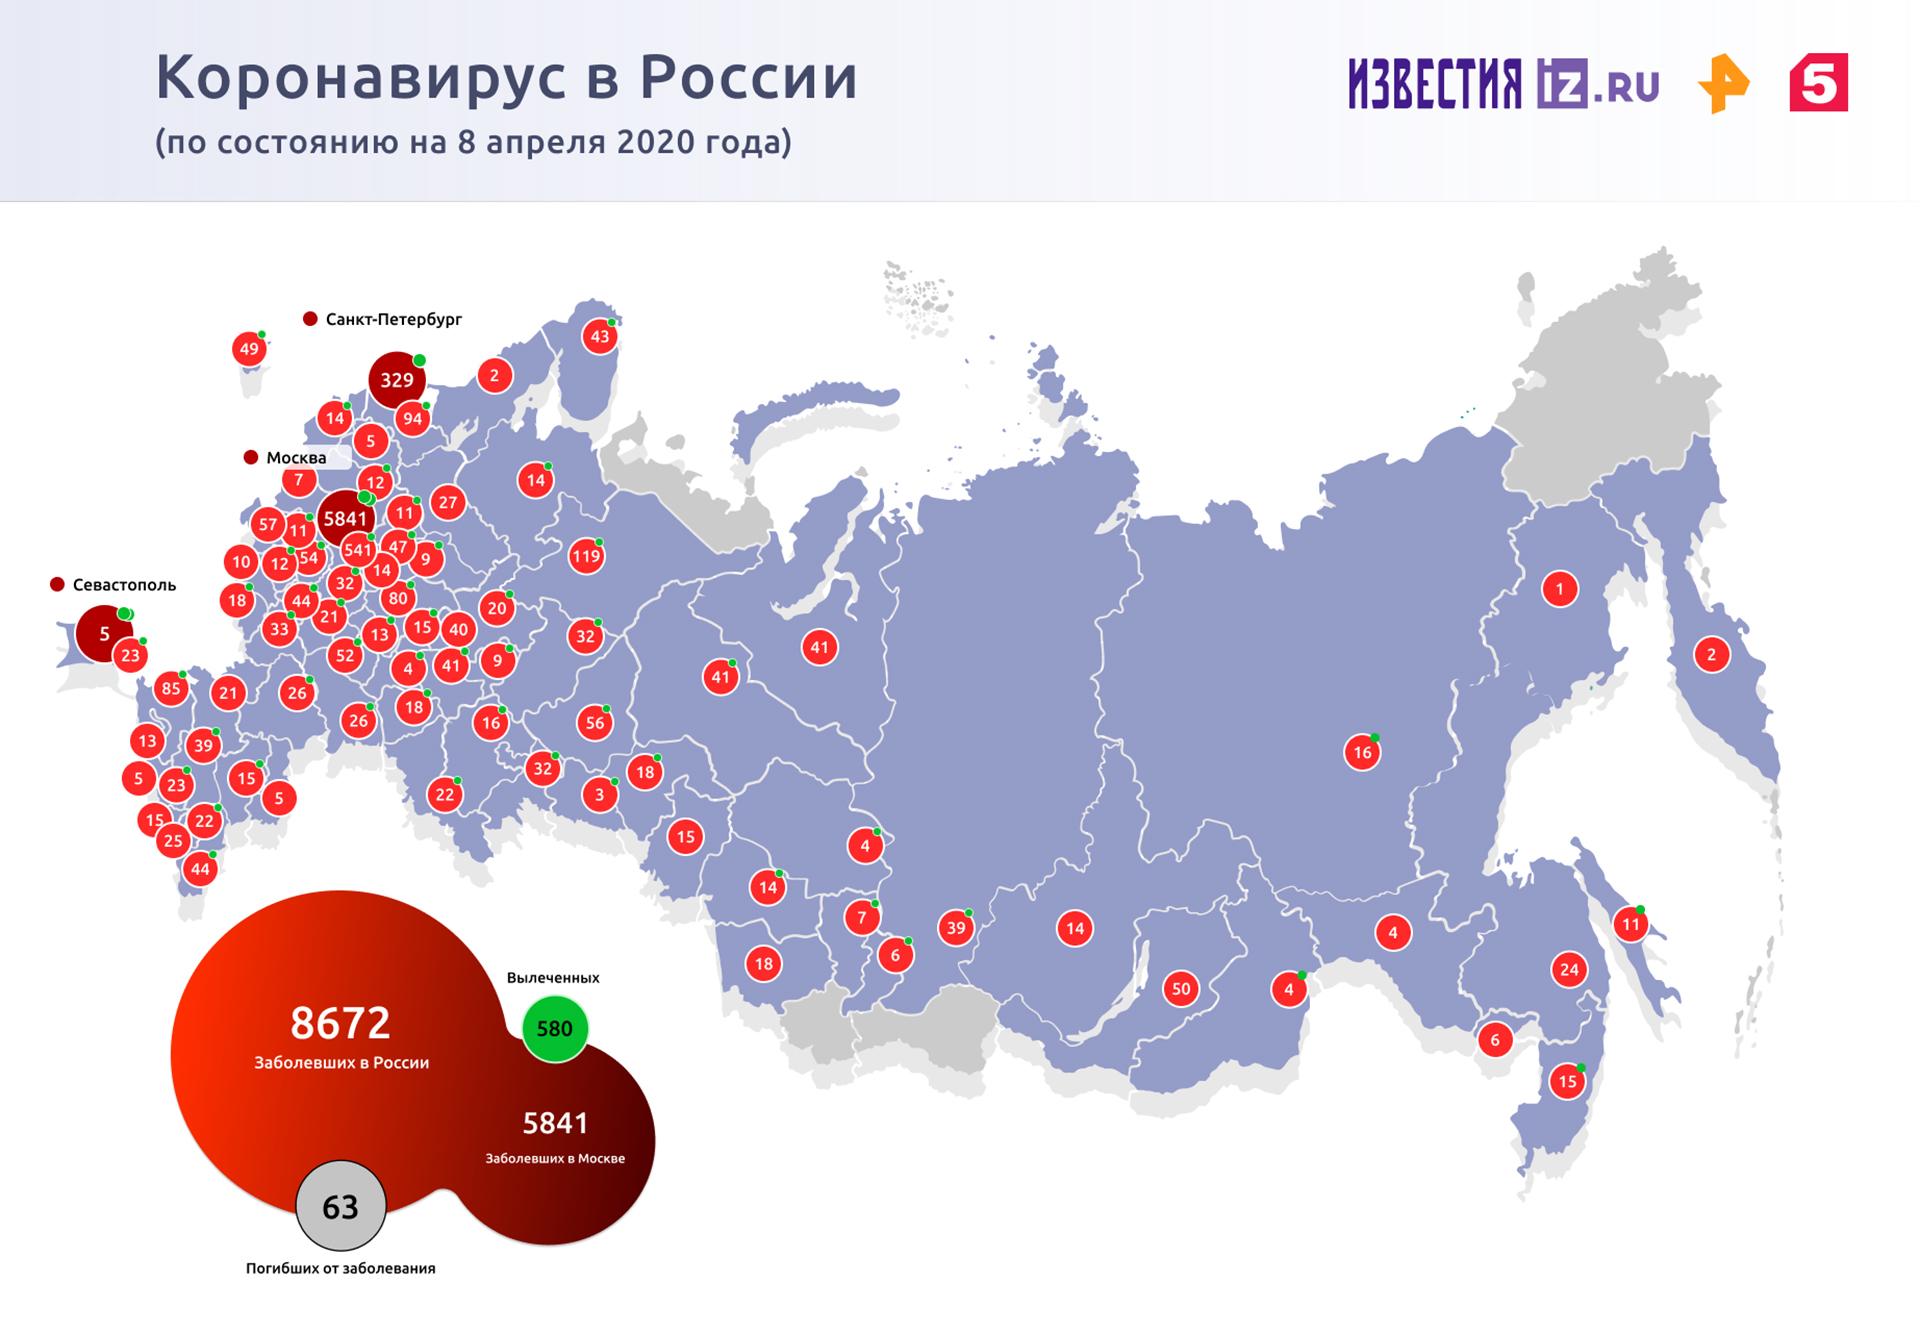 Первый пациент с коронавирусом скончался на Ставрополье